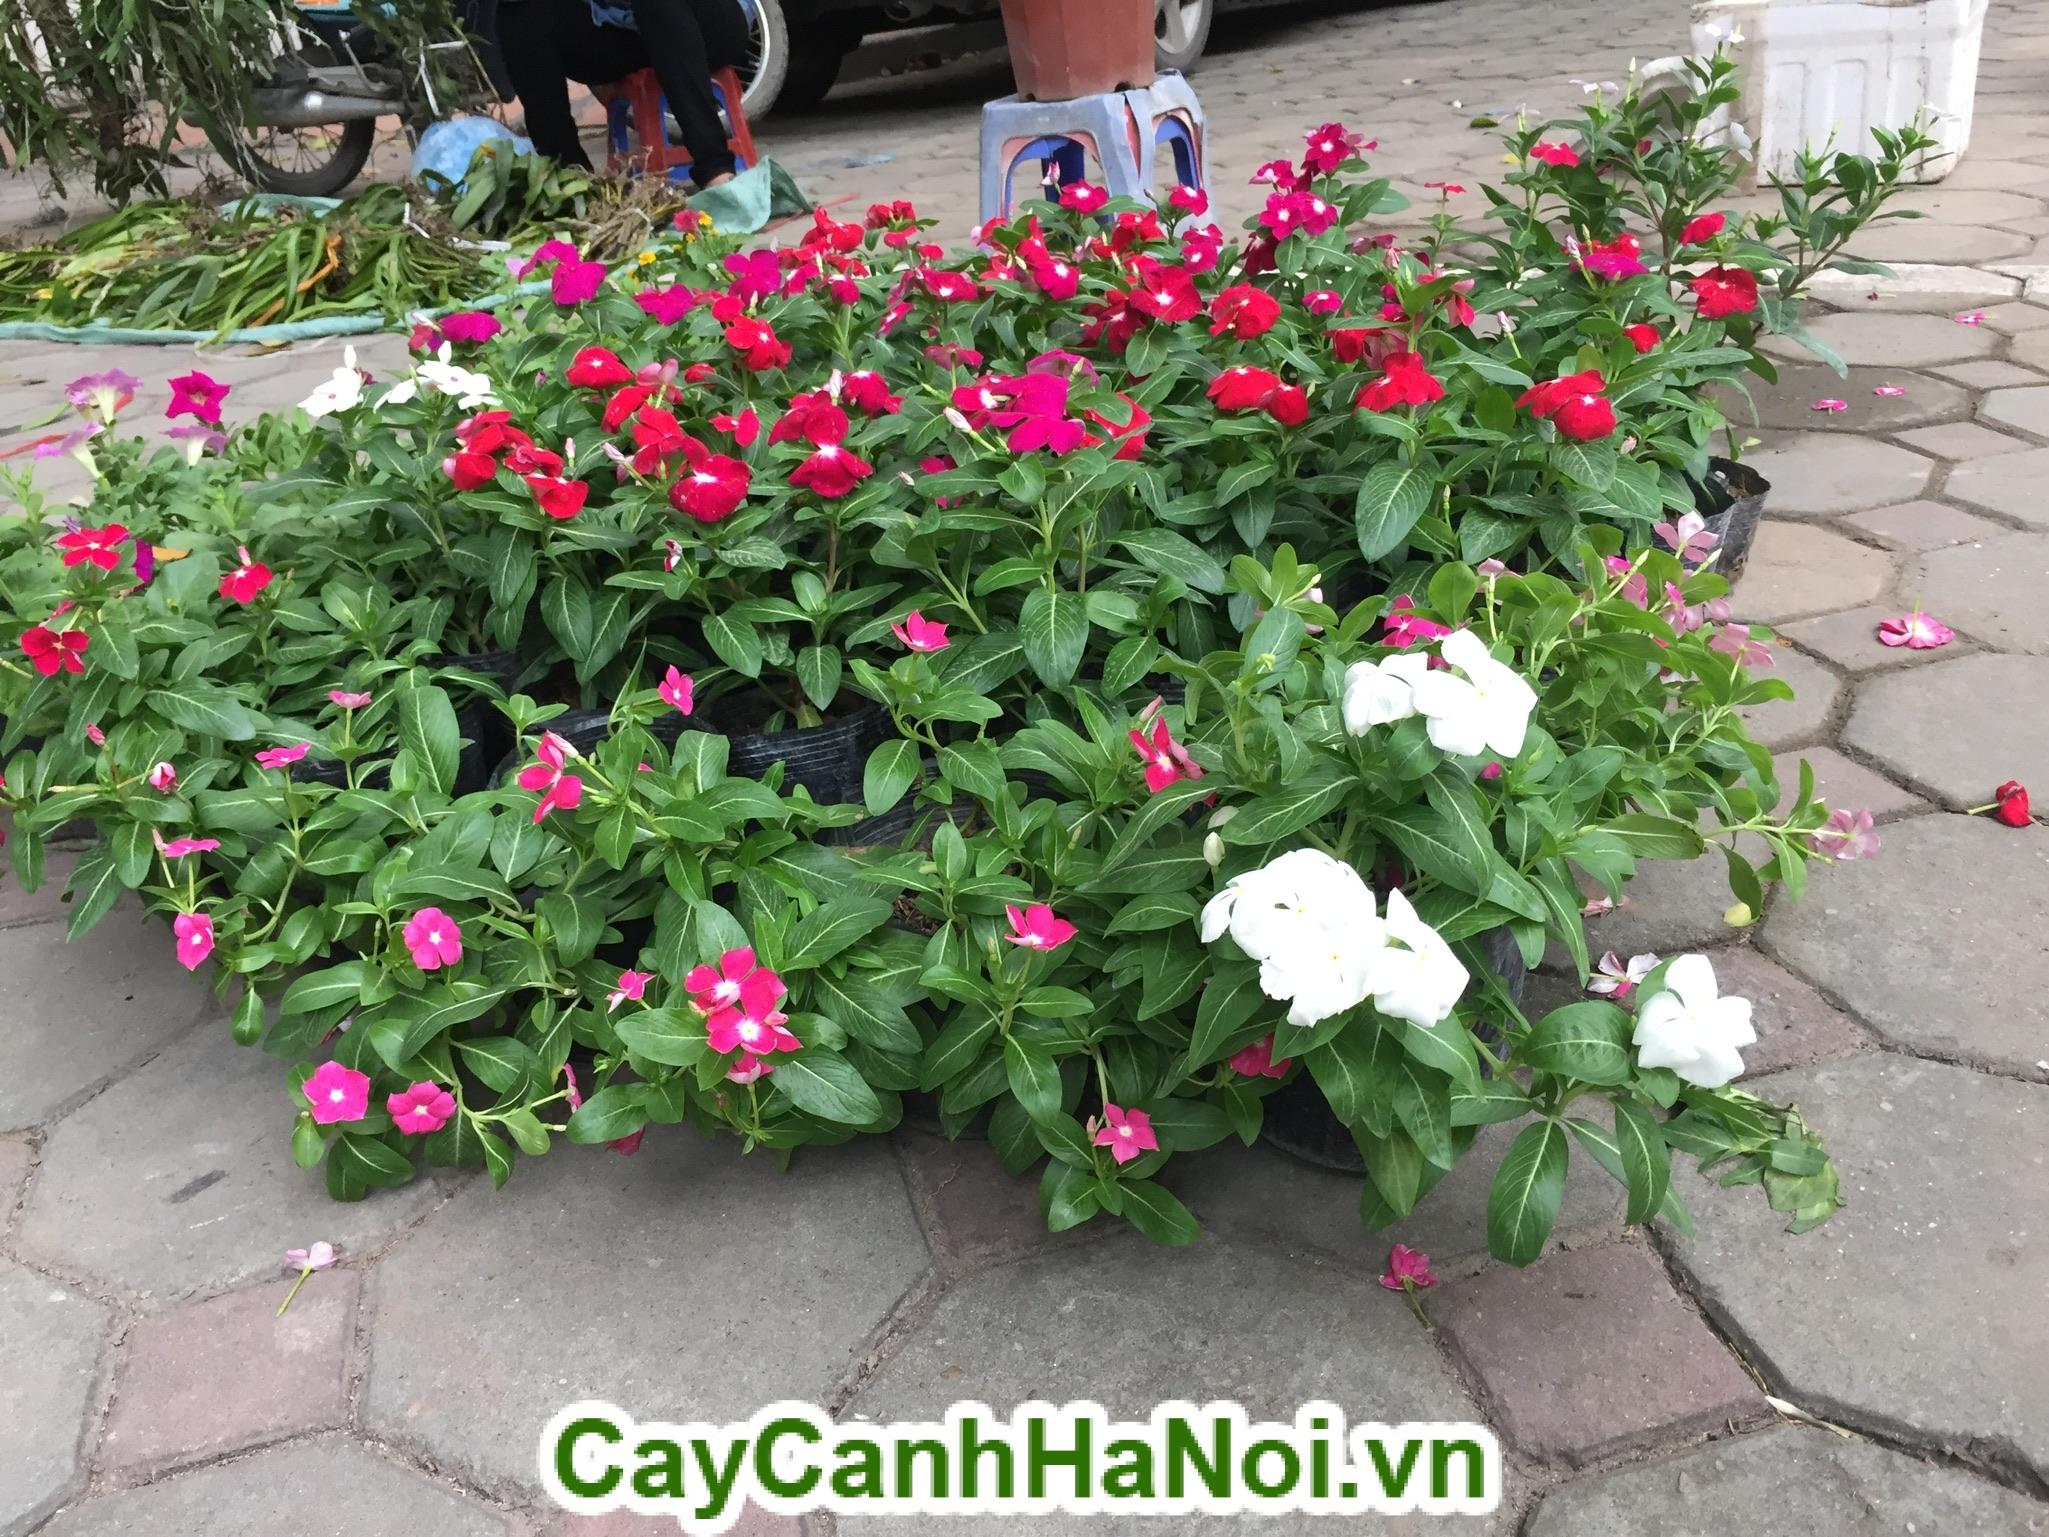 Hoa Dừa Cạn và cách chăm sóc